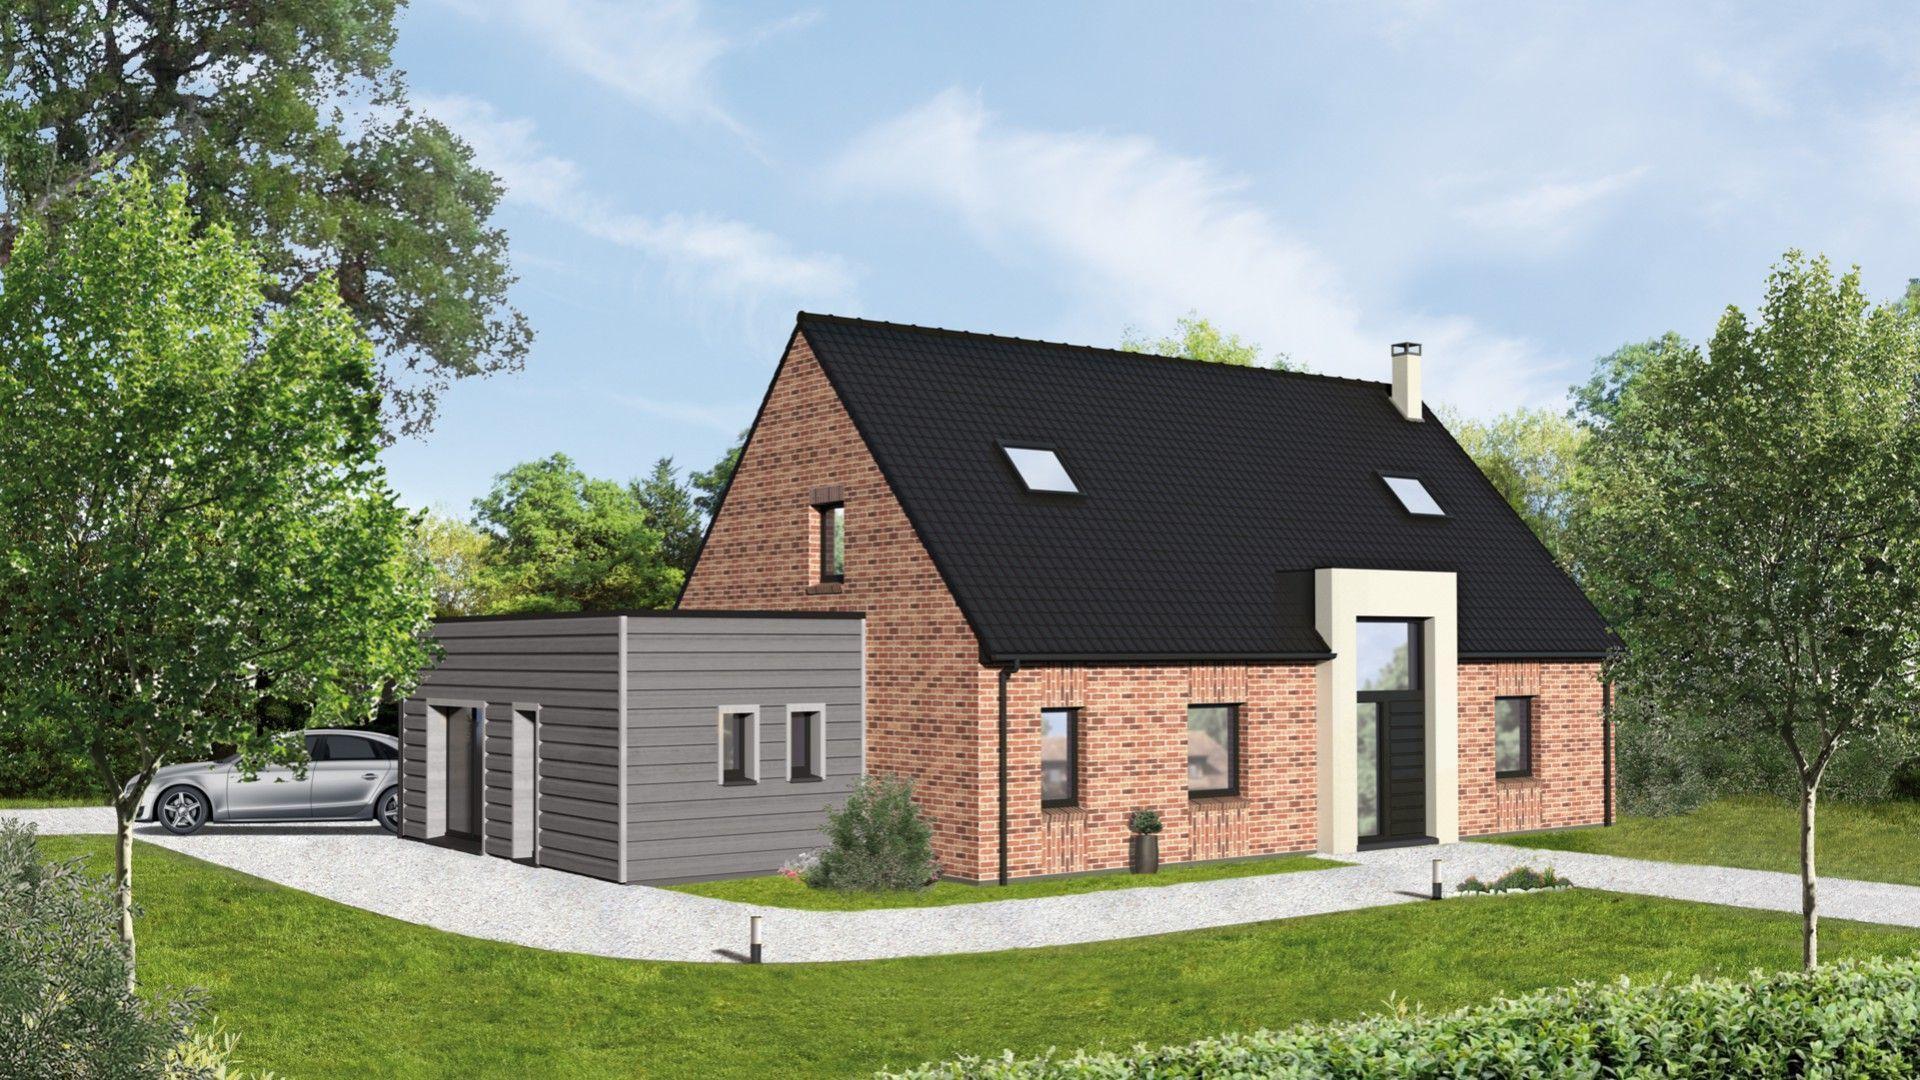 Constructeur maison nord maison moderne for Maison moderne constructeur